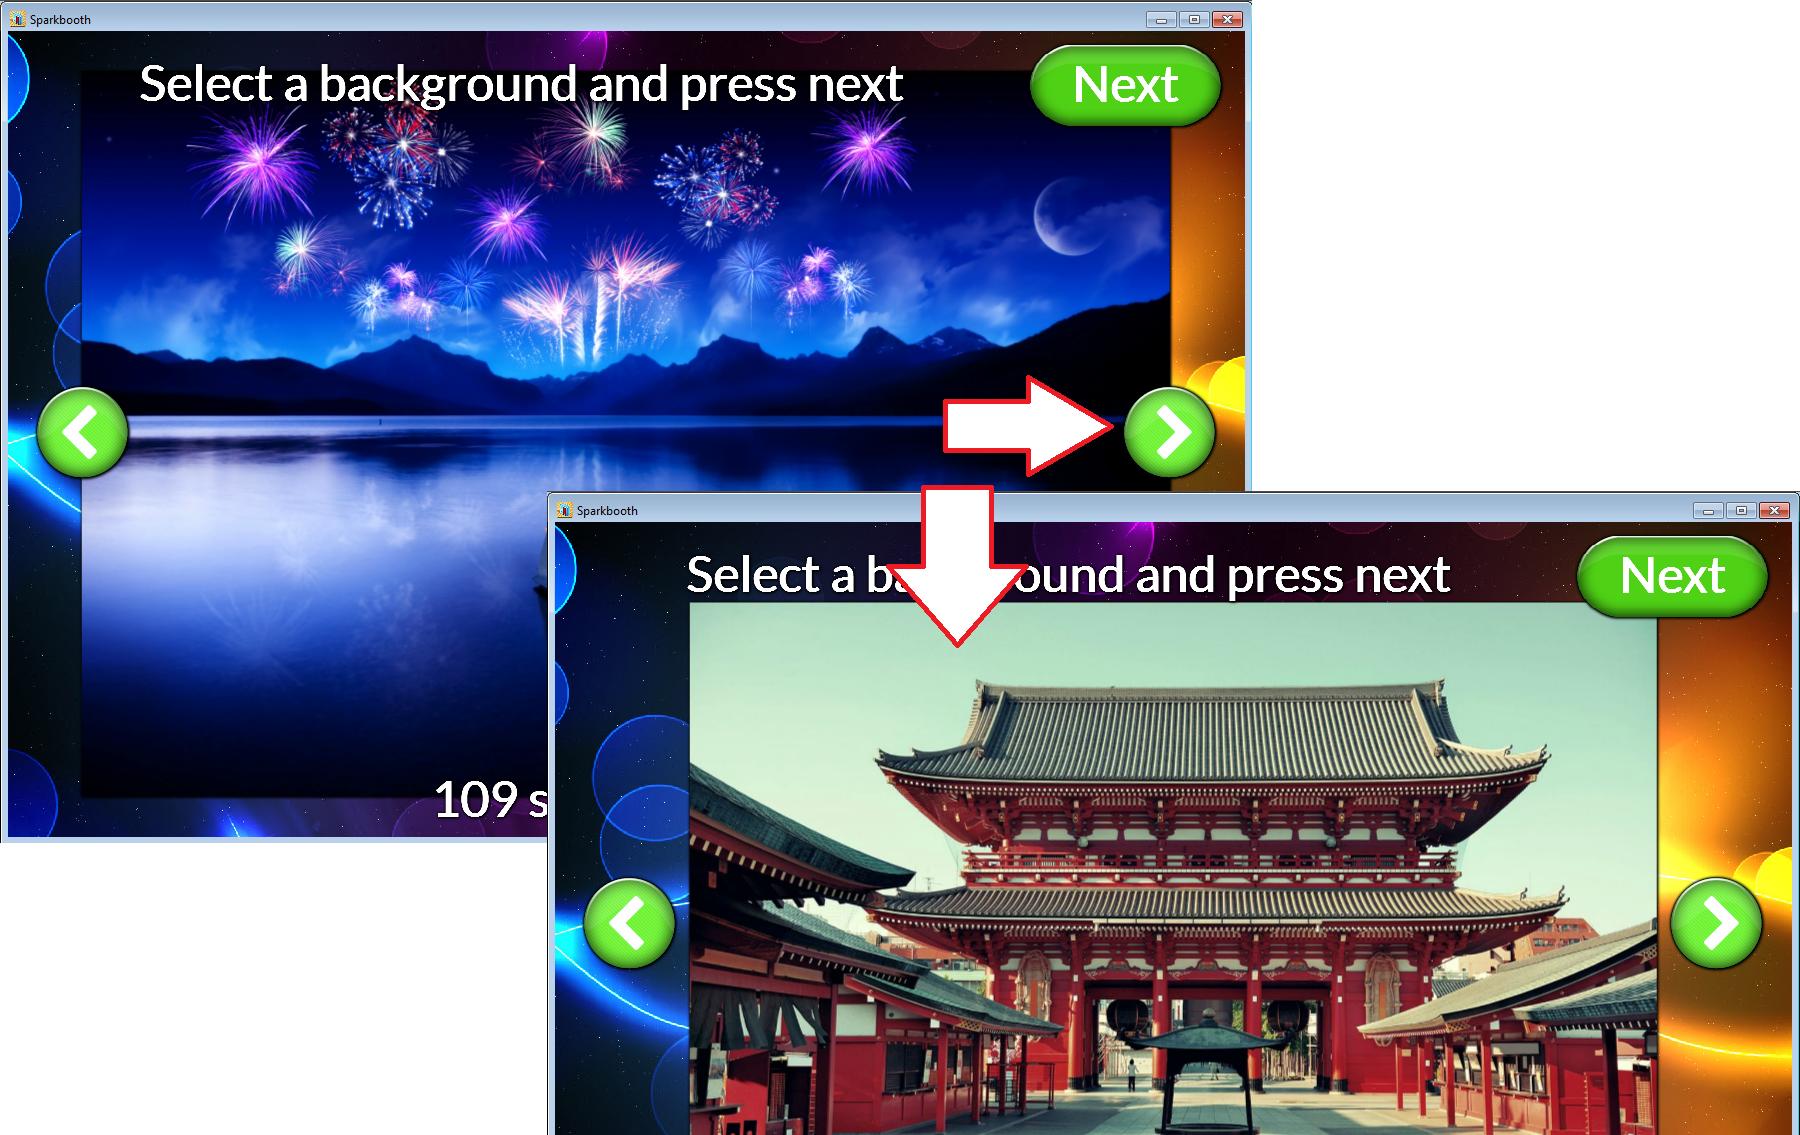 Startscreen-gs-select